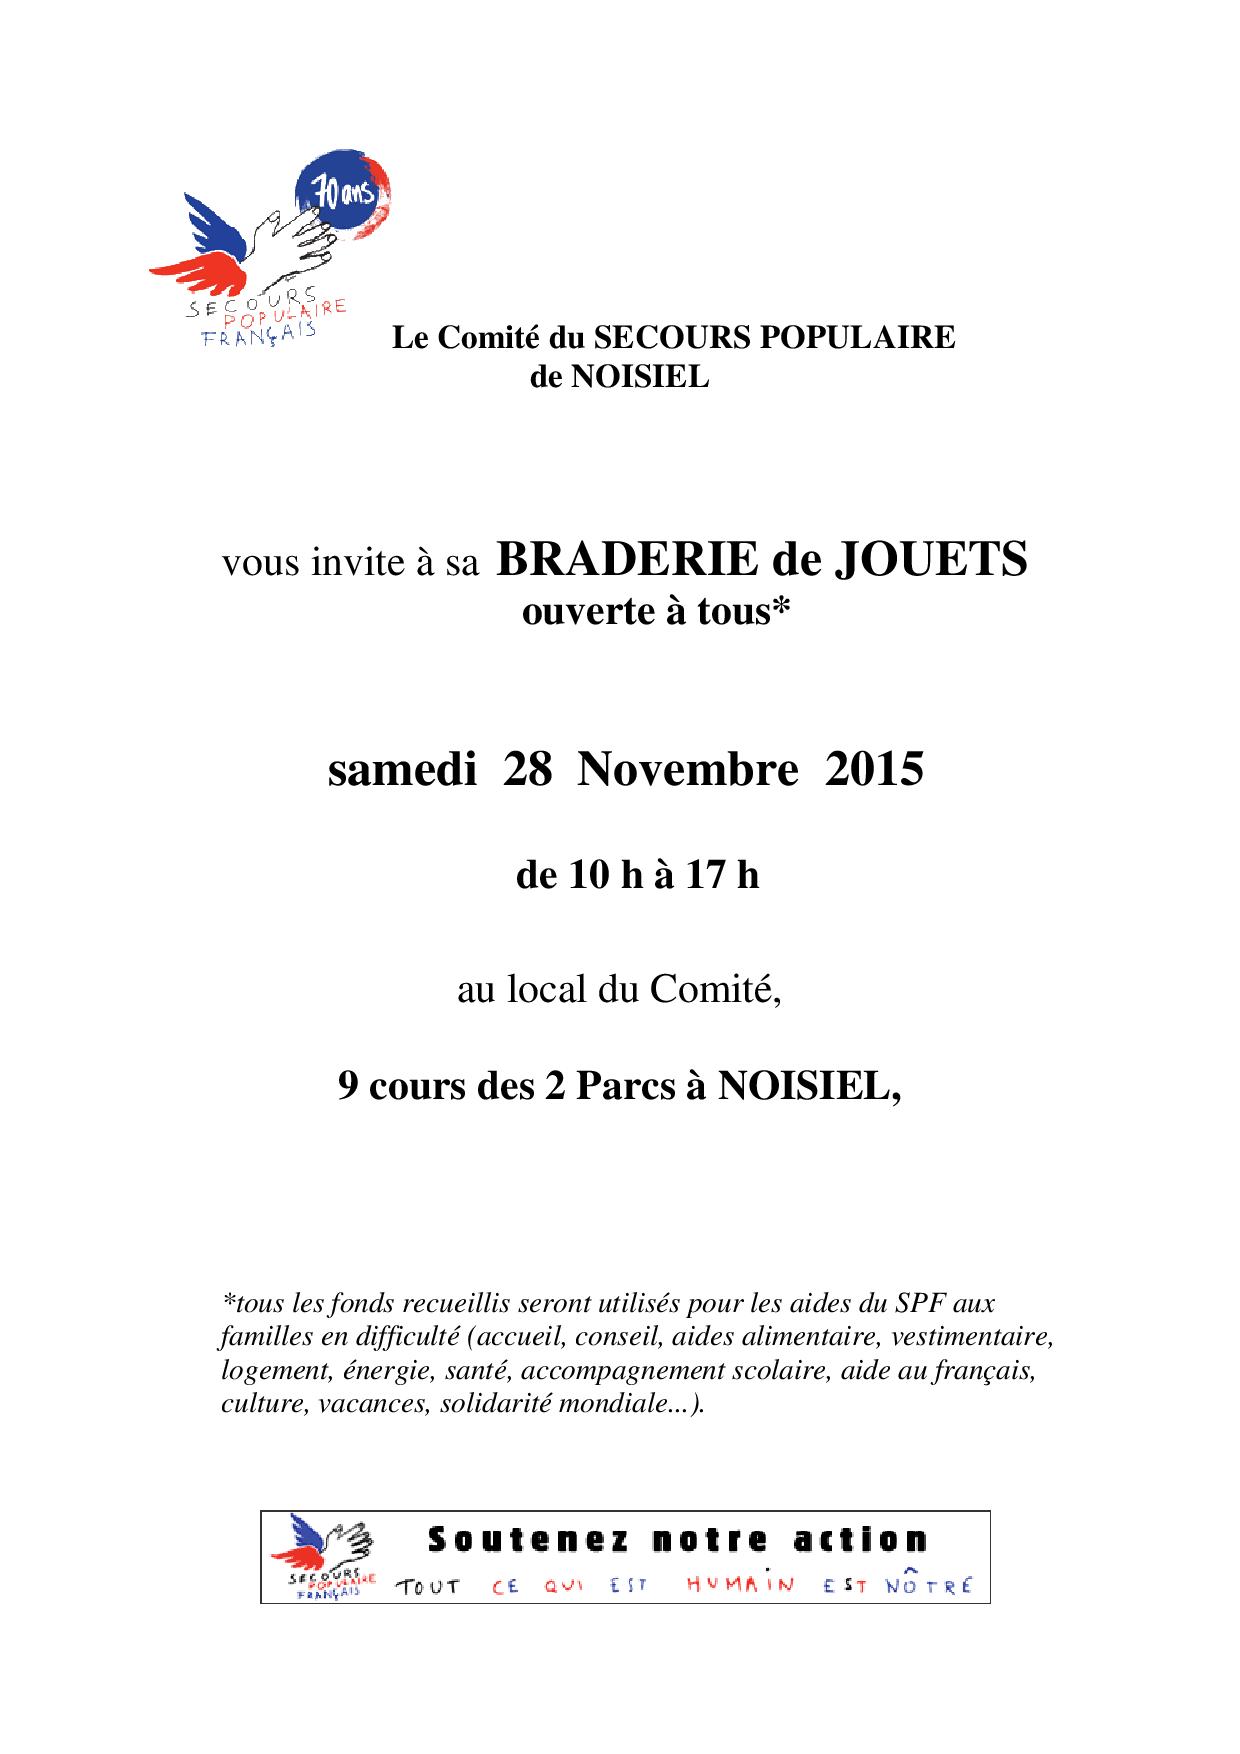 BRADERIE 28 NOVEMBRE 2015 AFFICHE (1)